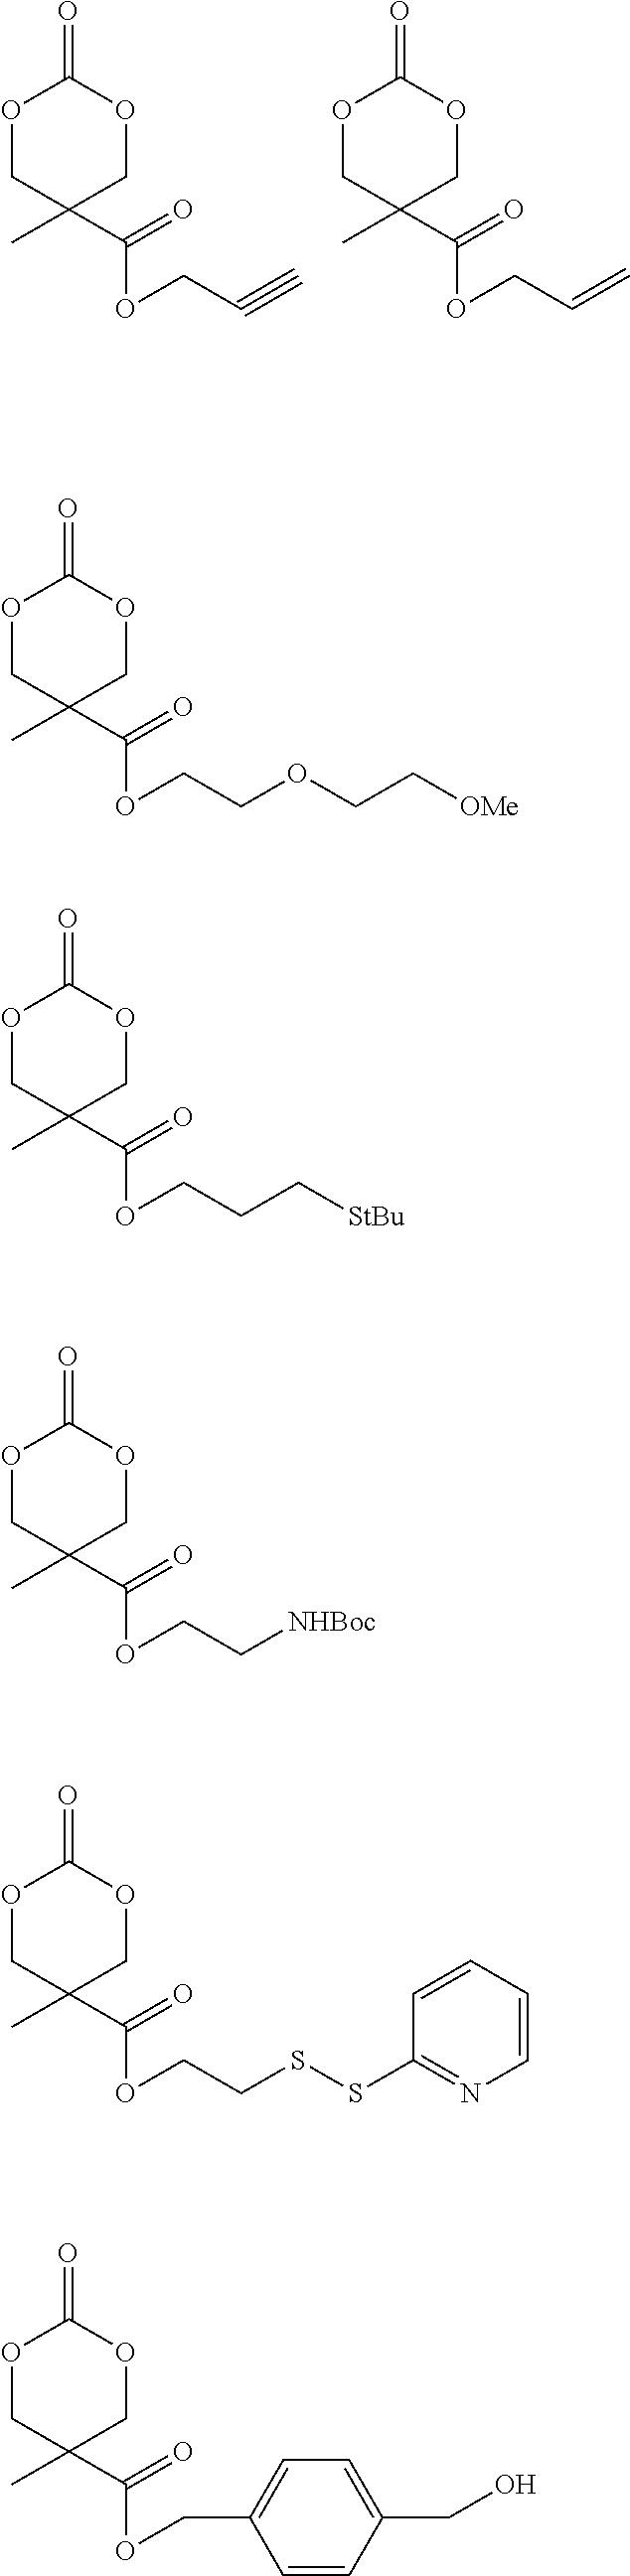 Figure US09574107-20170221-C00053